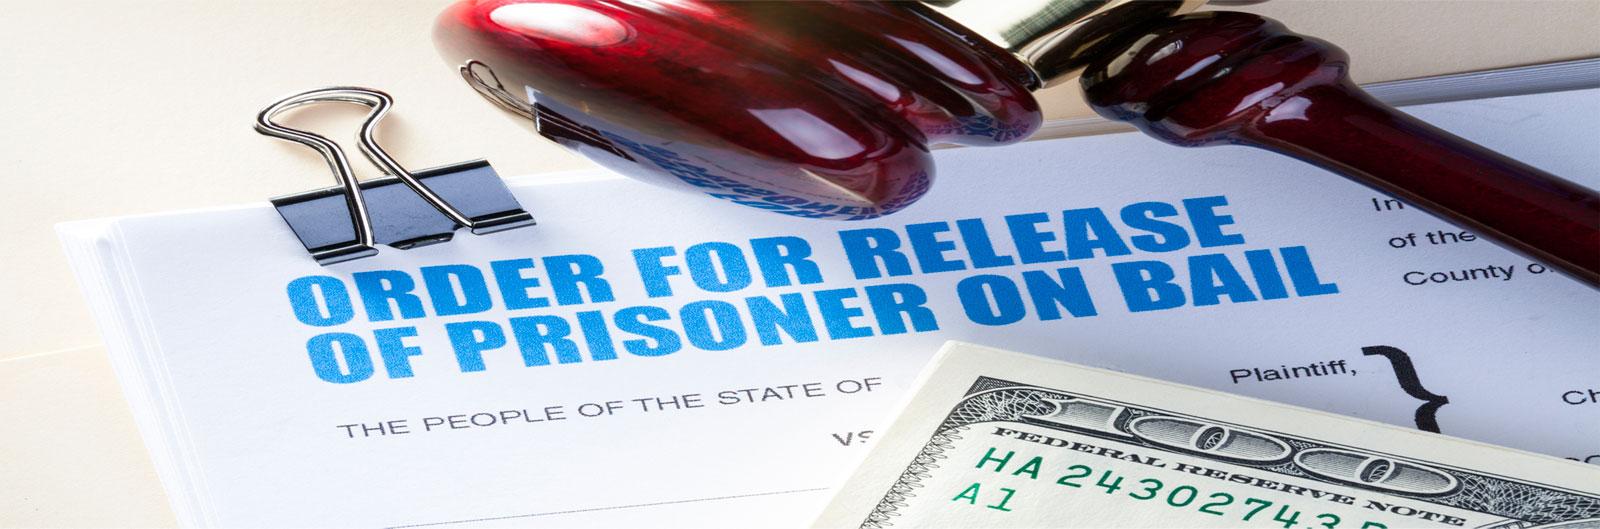 order for release of prisoner on bail